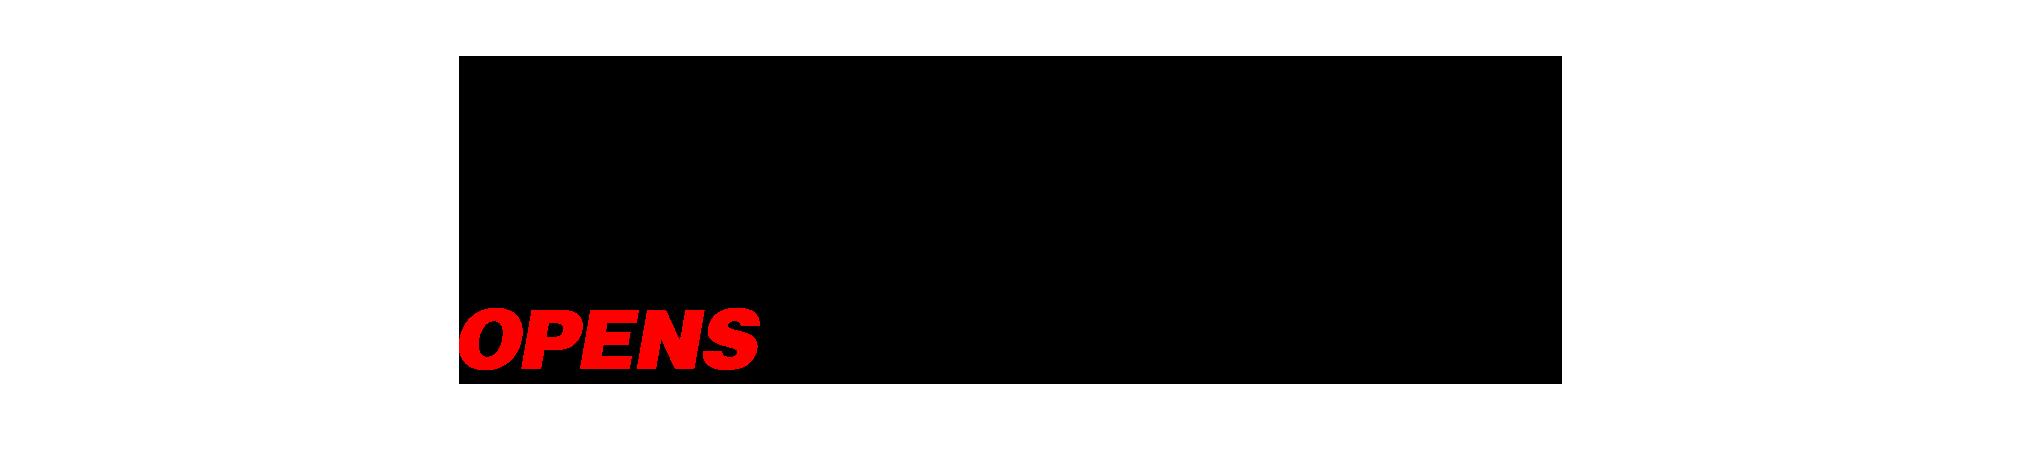 vm-add-2.png